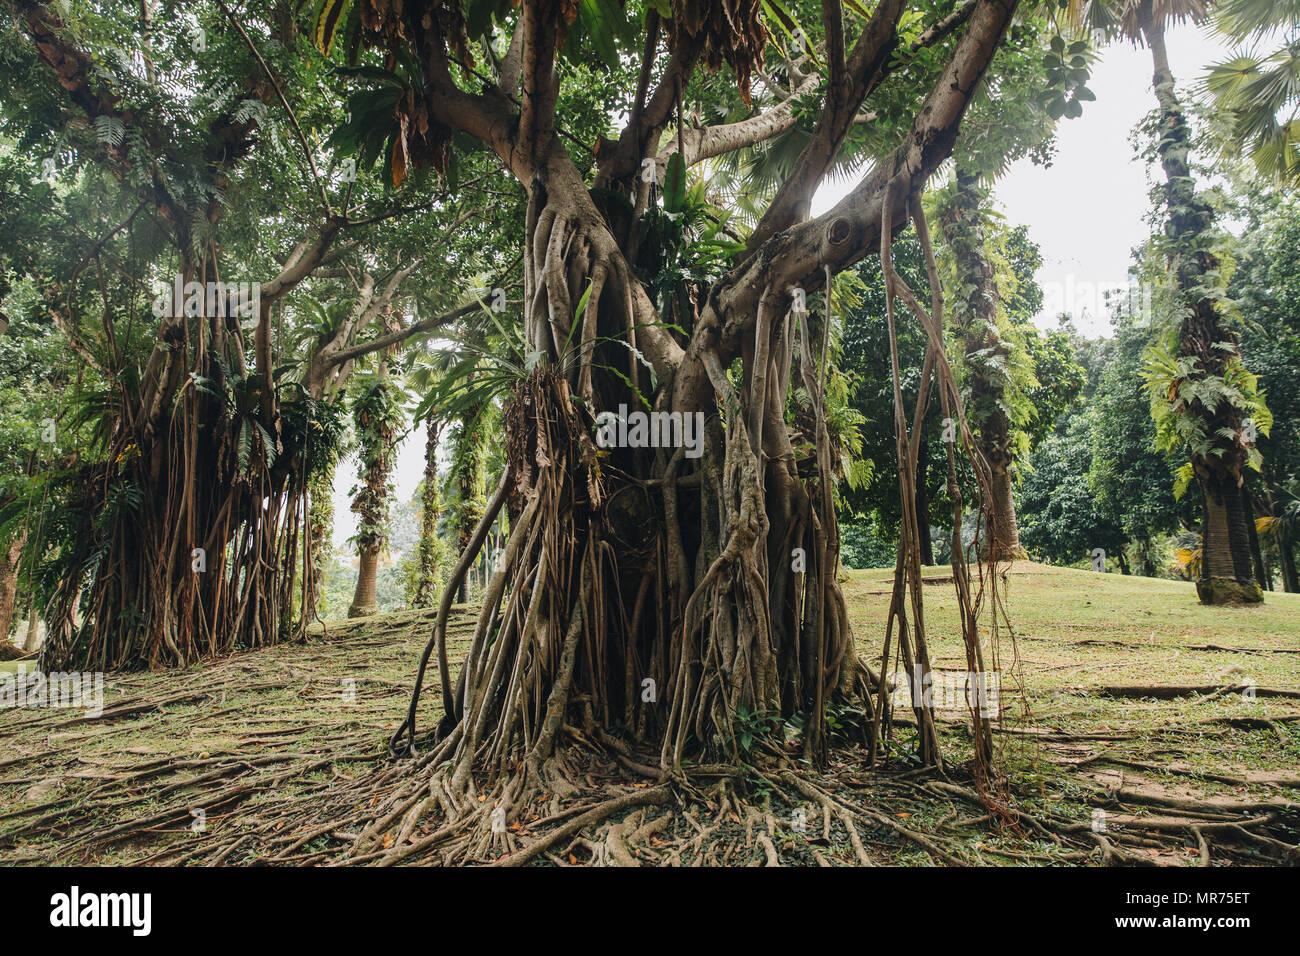 beautiful huge green trees with lianas in Kuala Lumpur - Stock Image